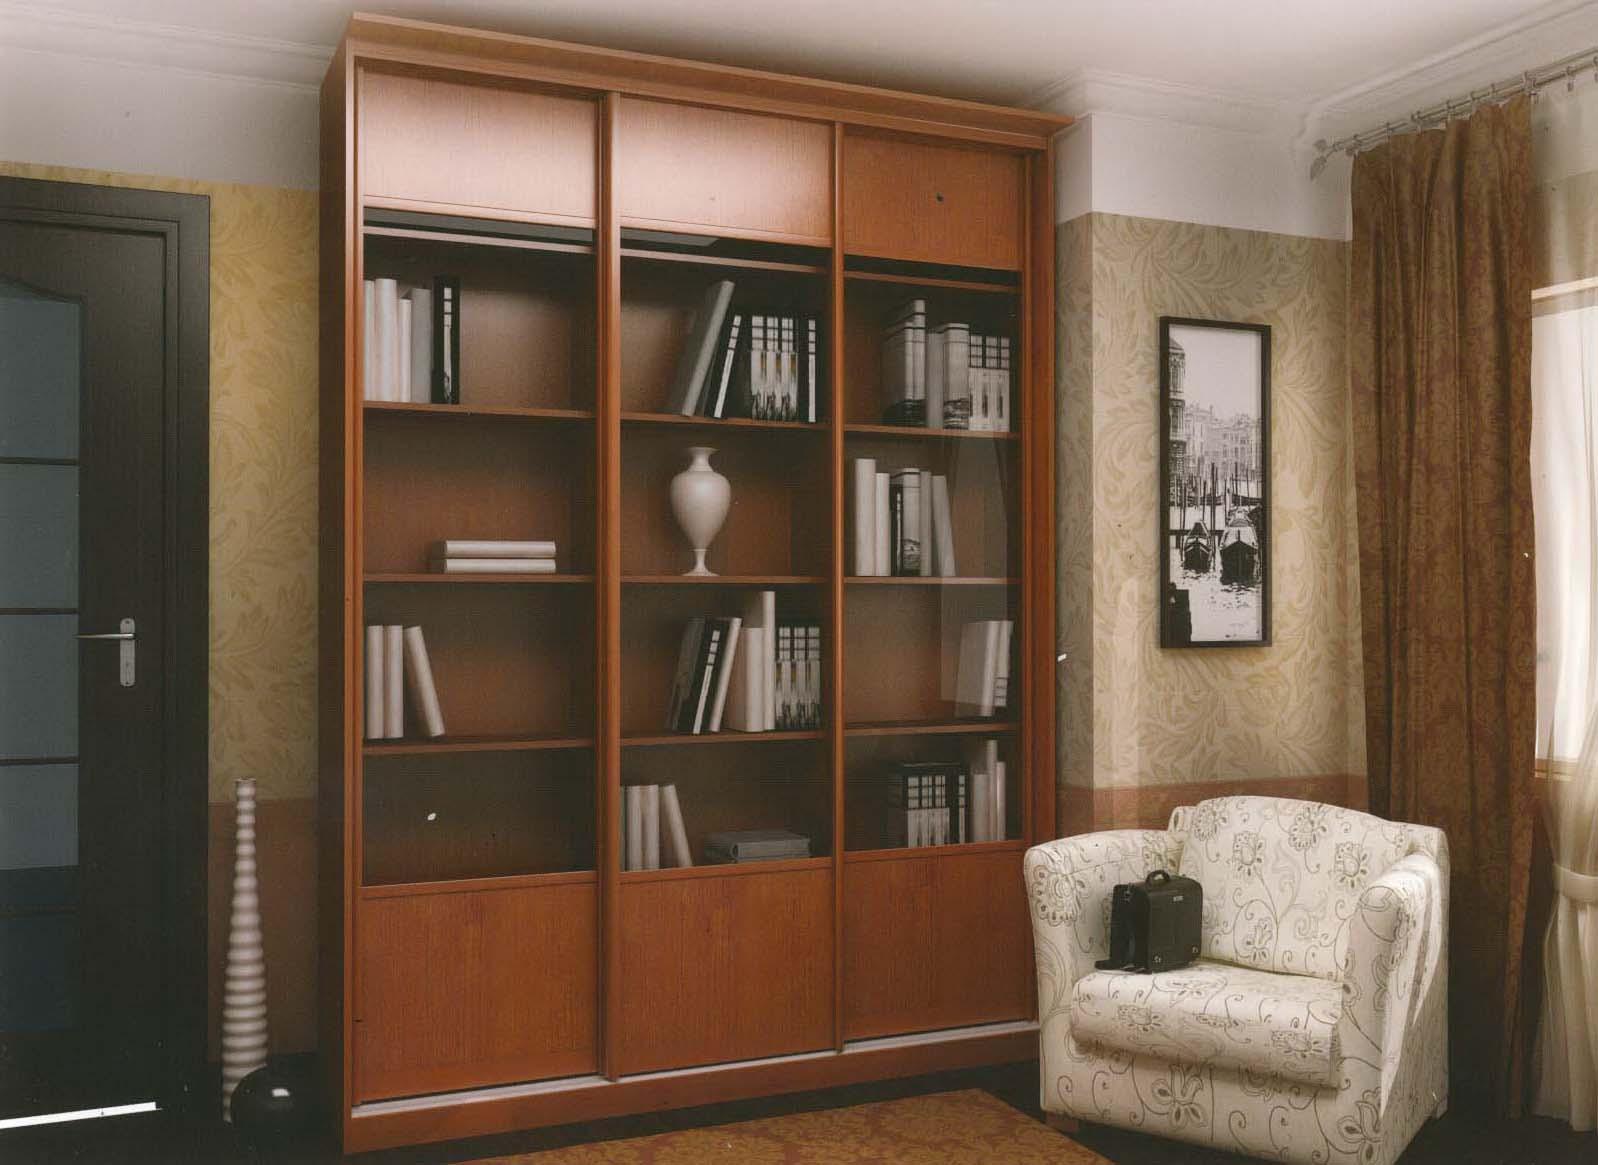 Мебель Шкаф Купе Для Гостиной